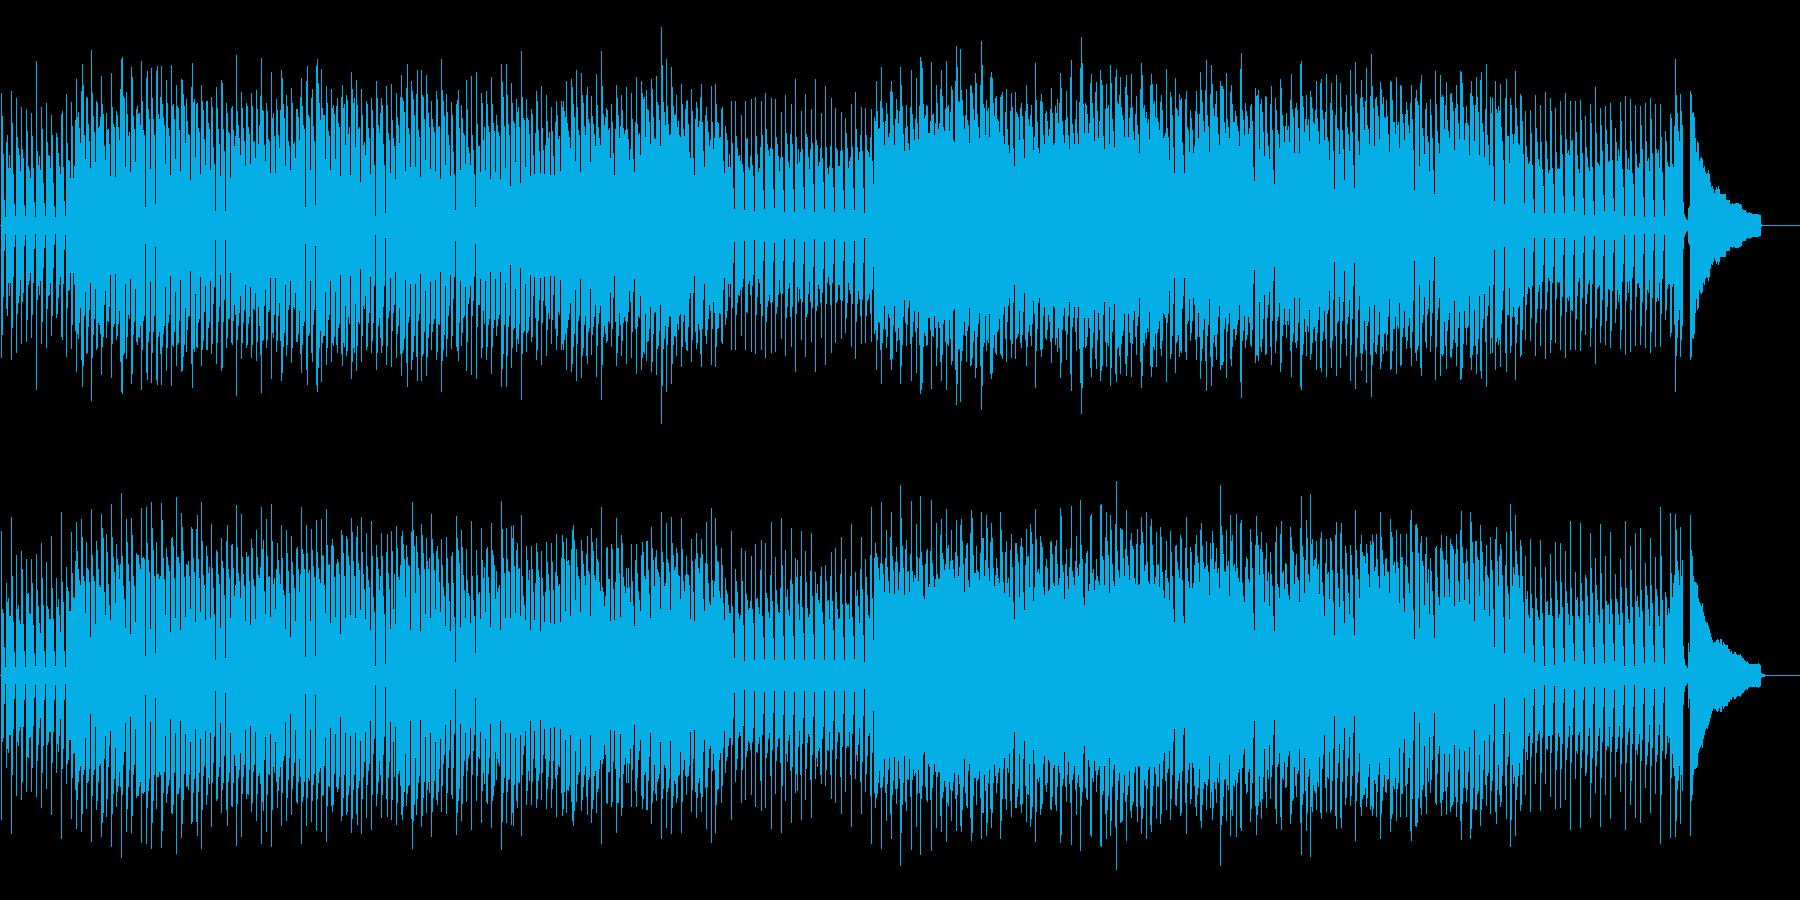 ほのぼのかわいい日常系ポップスの再生済みの波形